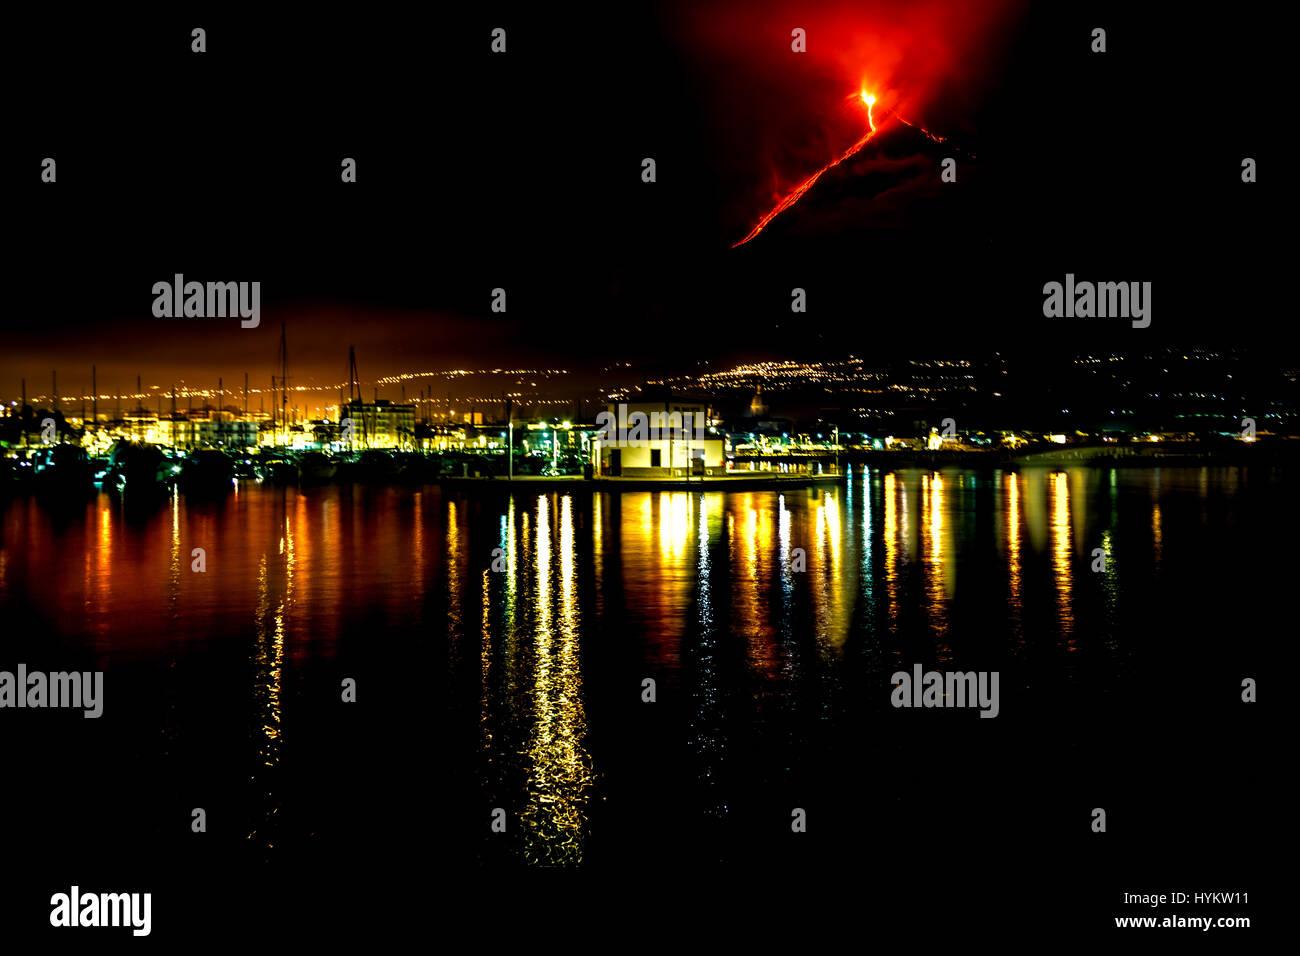 MESSINA, Sicilia: Una imagen nocturna de una erupción en el Monte Etna, tomada desde el puerto Riposto. Un hongo nuclear como cloud voladura del Monte Etna, en Sicilia, han sido capturados por un hombre local asombrado. Llamas rugiendo y enormes penachos de humo puede ser visto bombeando fuera de la parte superior de uno de los volcanes más activos del mundo. Las imágenes muestran cómo los habitantes de Sicilia, vive en la sombra de este monstruo de la montaña, que mide 11 mil pies de altura y es el lugar donde el antiguo dios romano del fuego, Vulcano construyó su taller. Funcionario de Agricultura Fernando Famiani (51) de San Teodoro, Messina en Sici Foto de stock